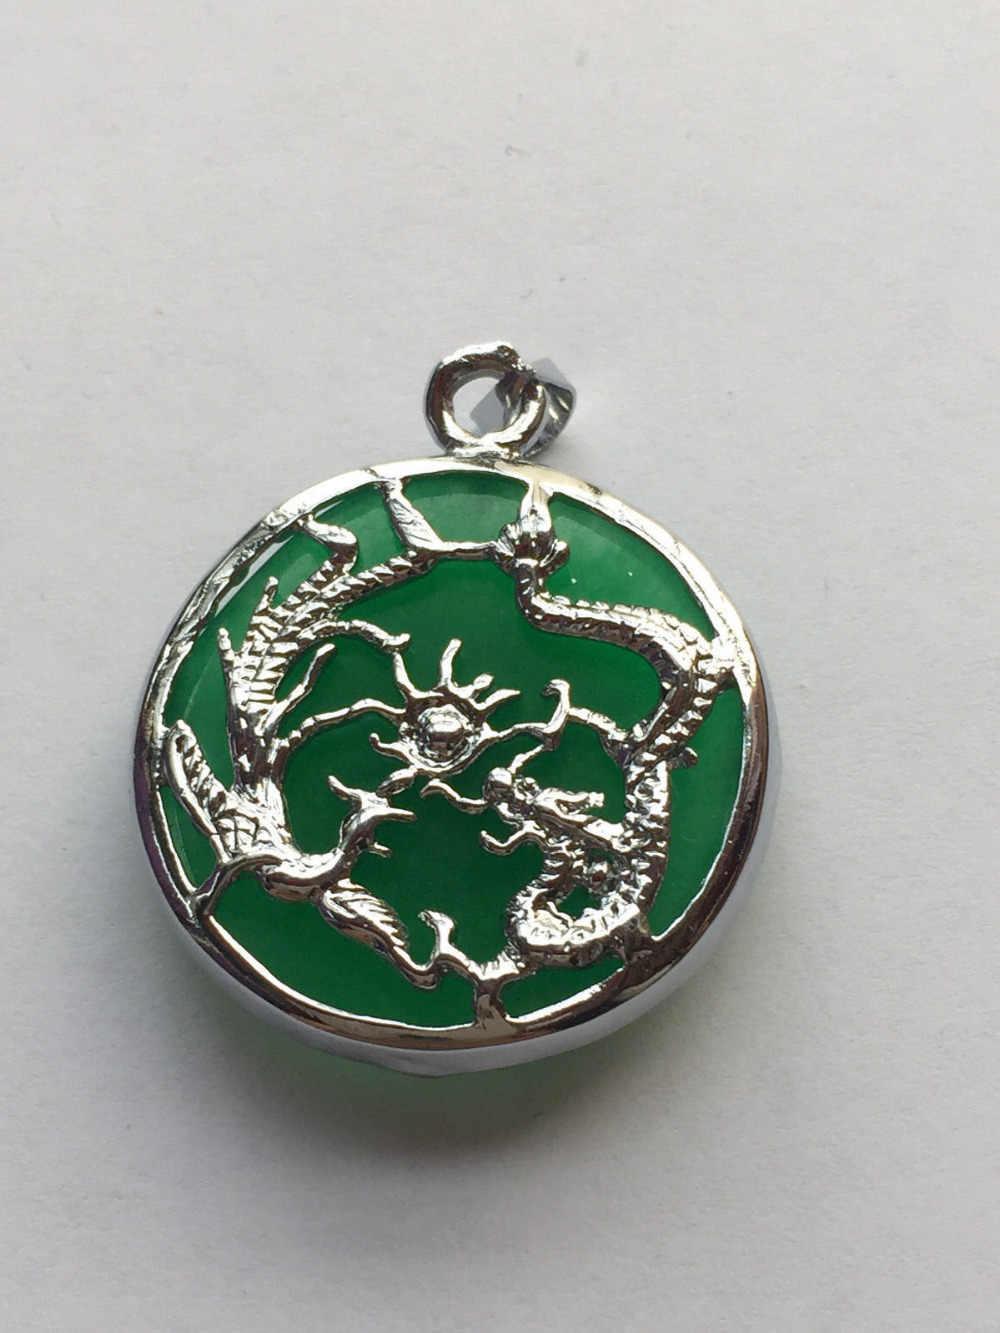 FAST ใหม่สีเขียวหยกสีเงิน Dragon Phoenix จี้และสร้อยคอ (A0511)